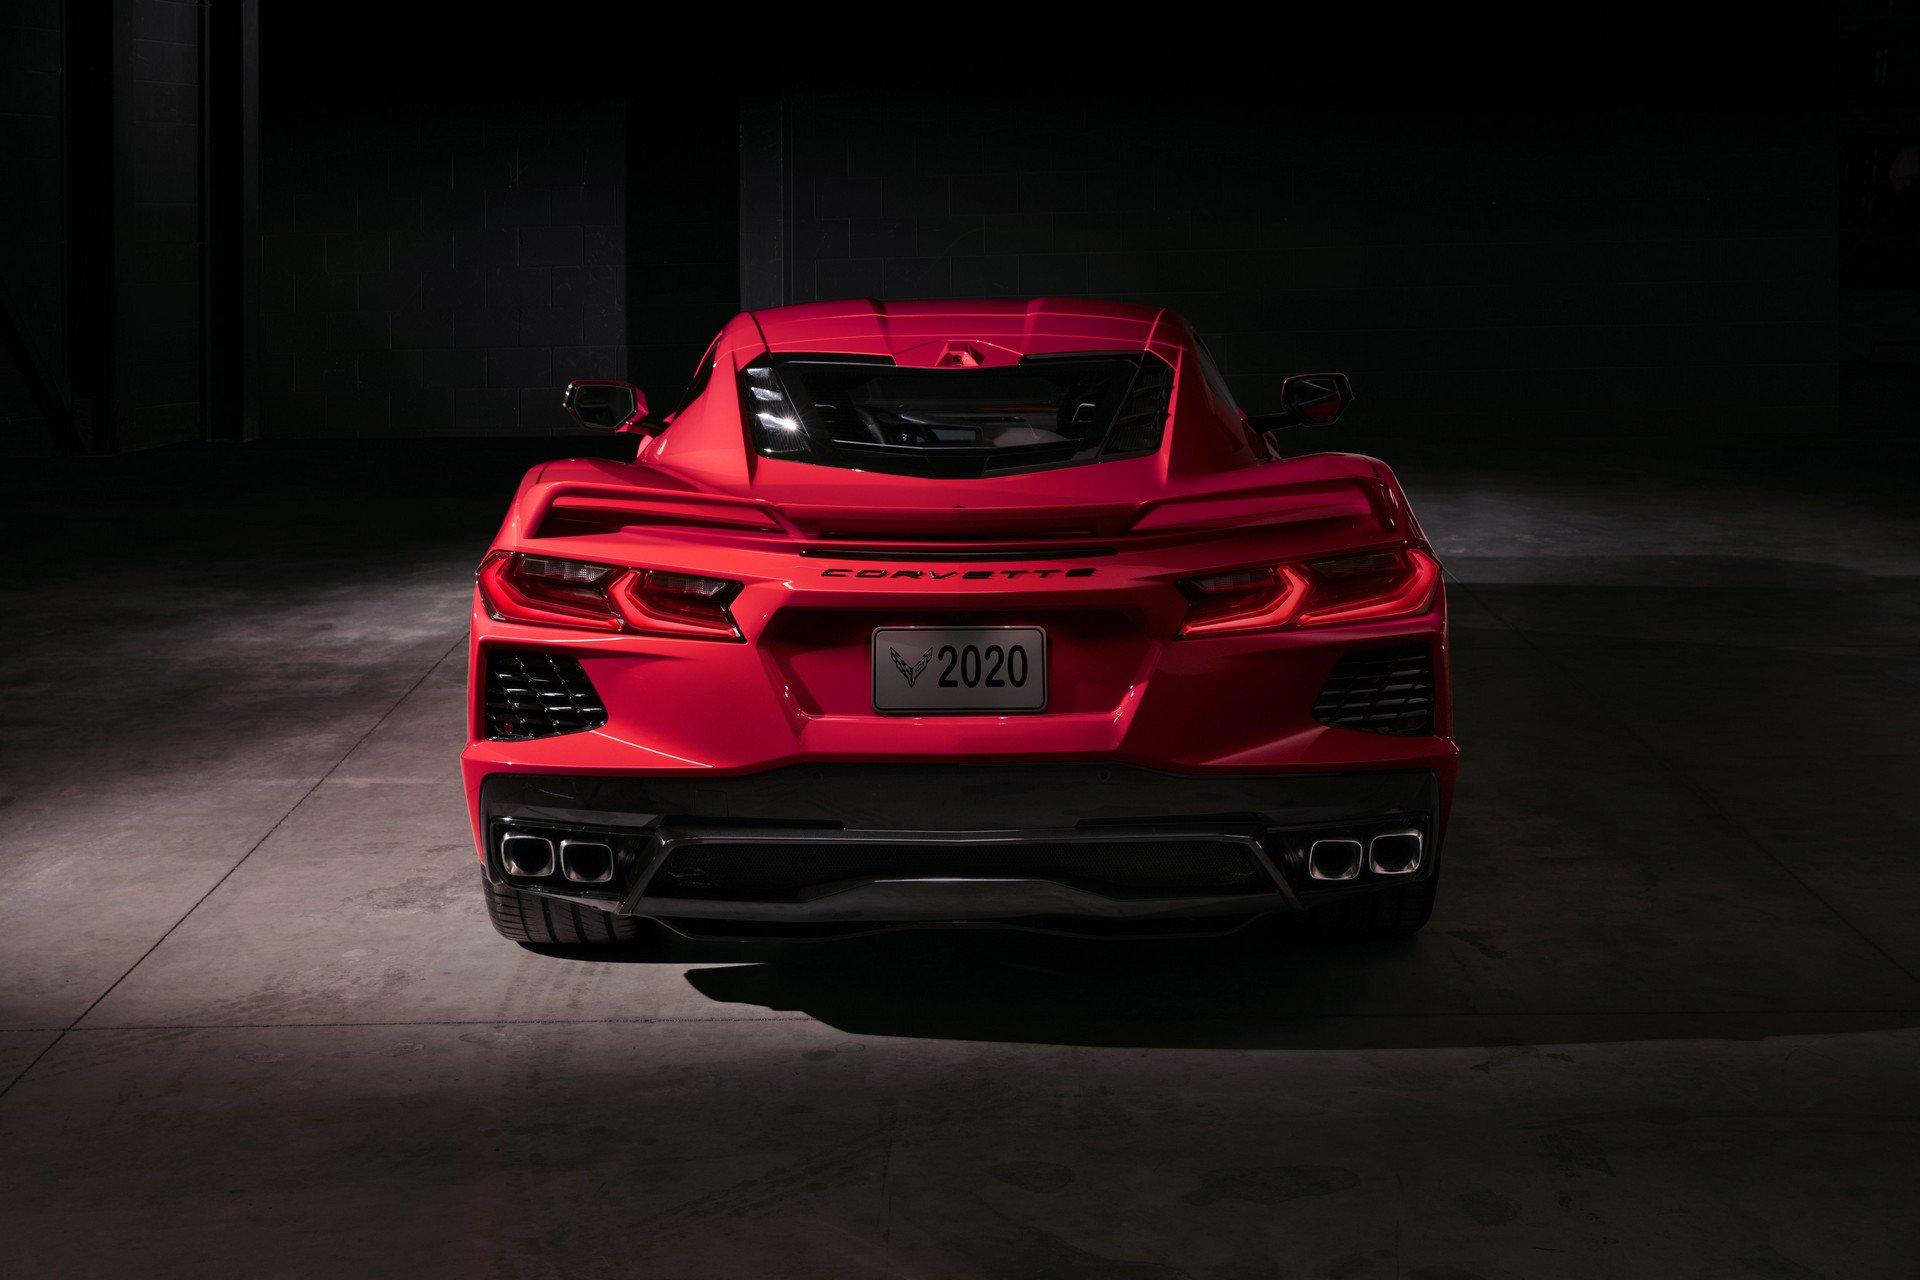 Chevrolet ra mắt Corvette C8 thế hệ mới thiết kế táo bạo, động cơ đặt giữa - 33